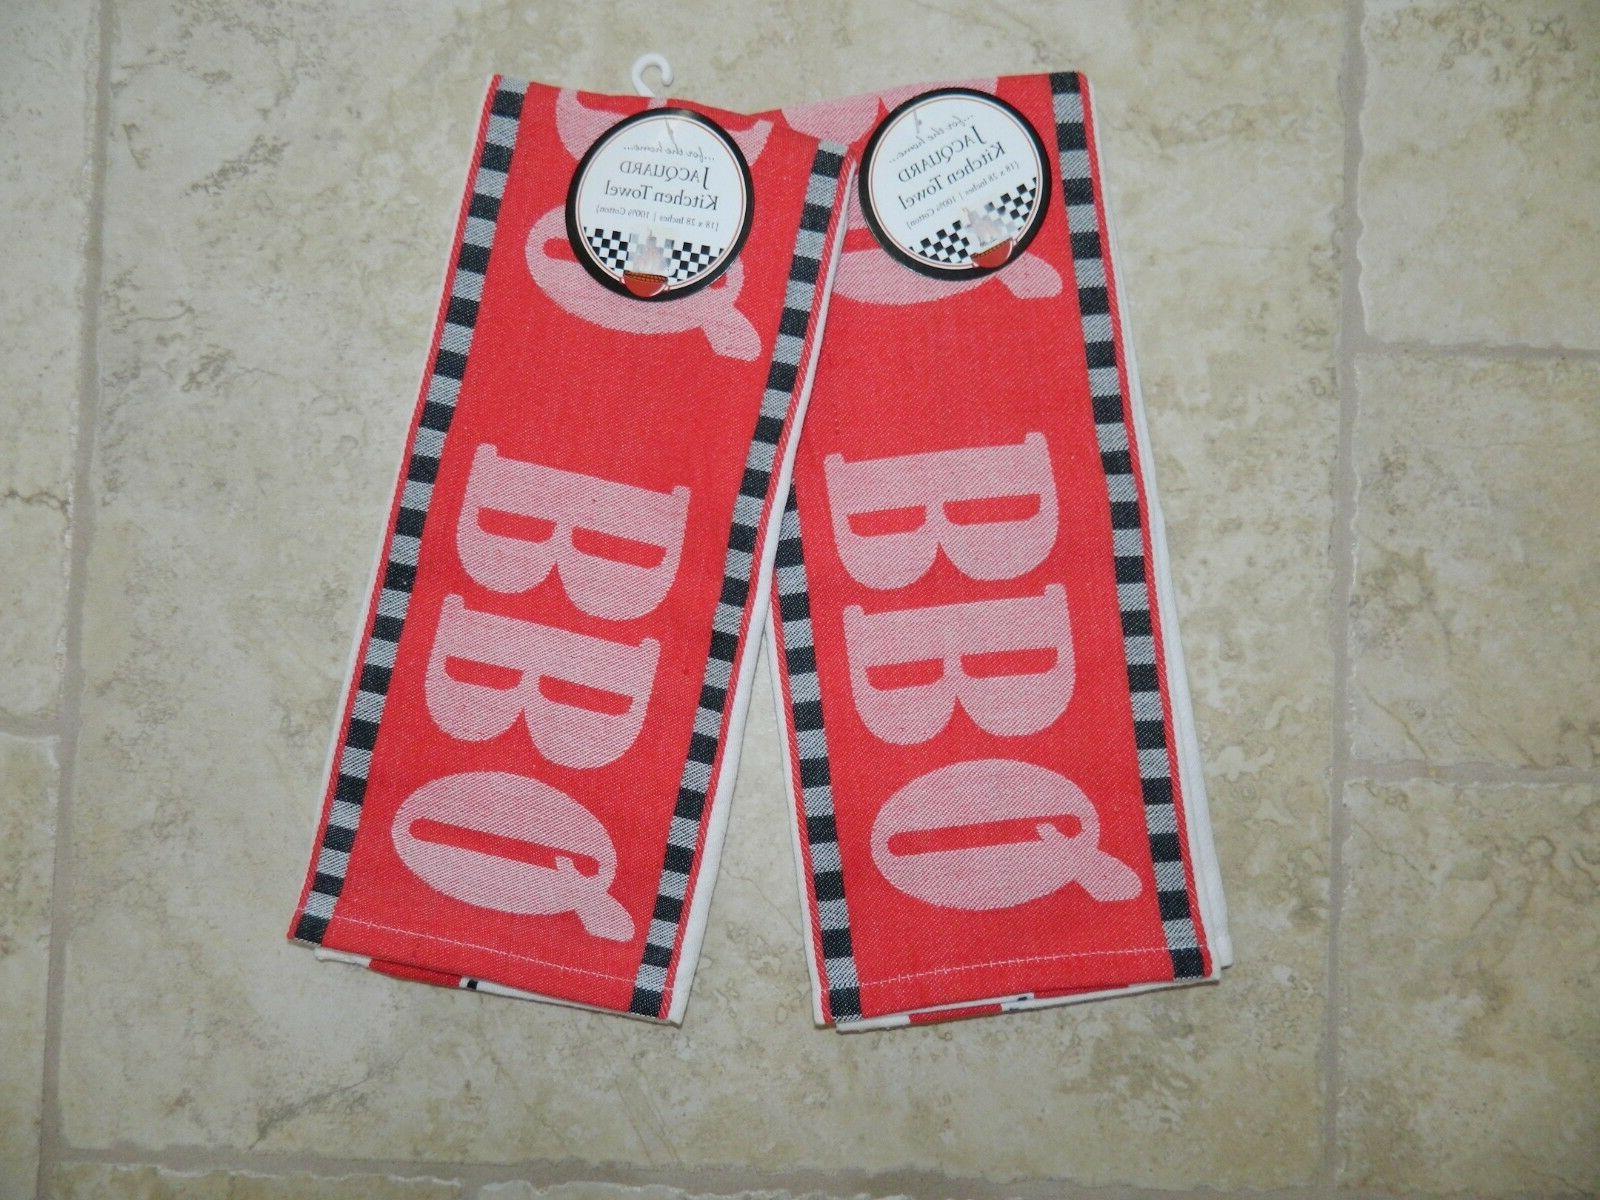 bbq jacquard kitchen towels